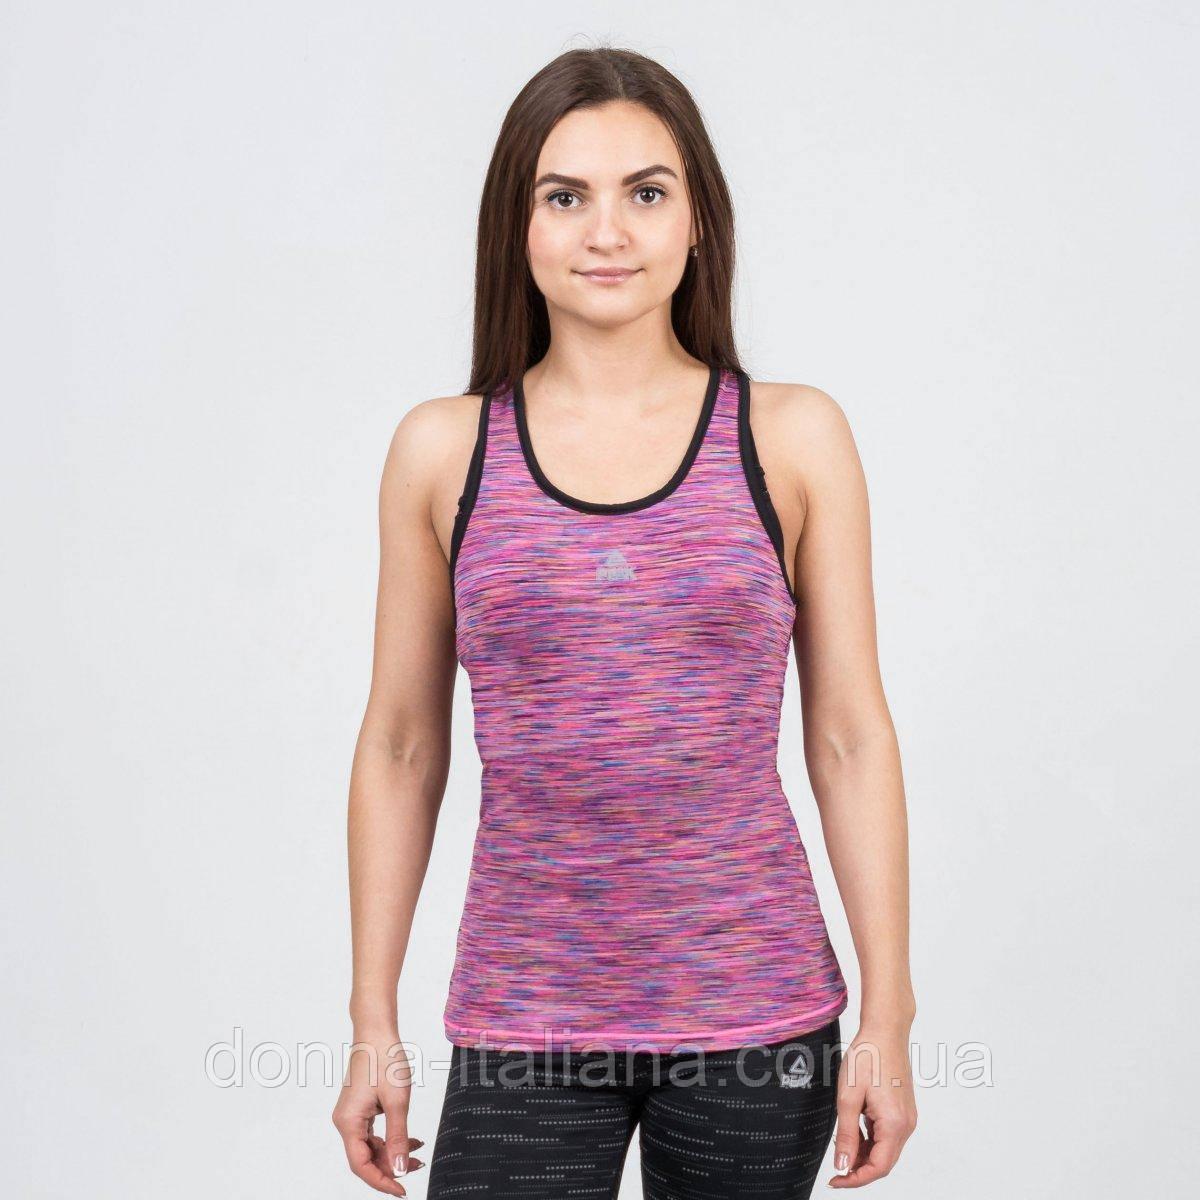 Майка фитнес женская Peak Sport FW67626-PIN S Розовая (2000124807019)